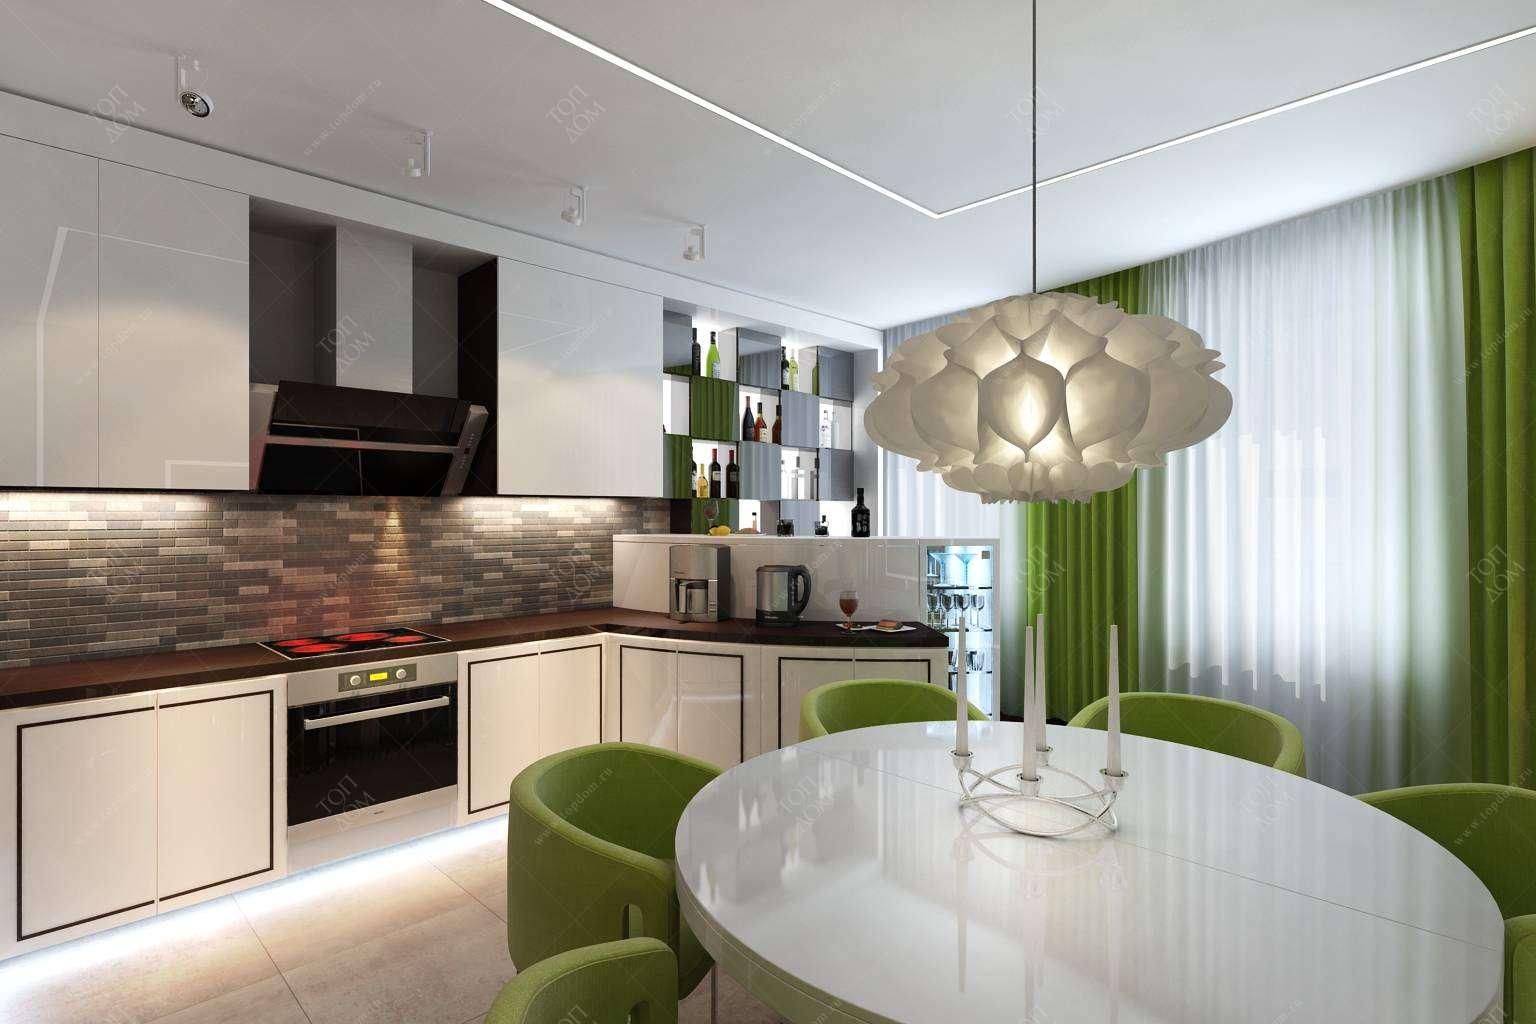 Проект интерьера кухни в 3 х комнатной